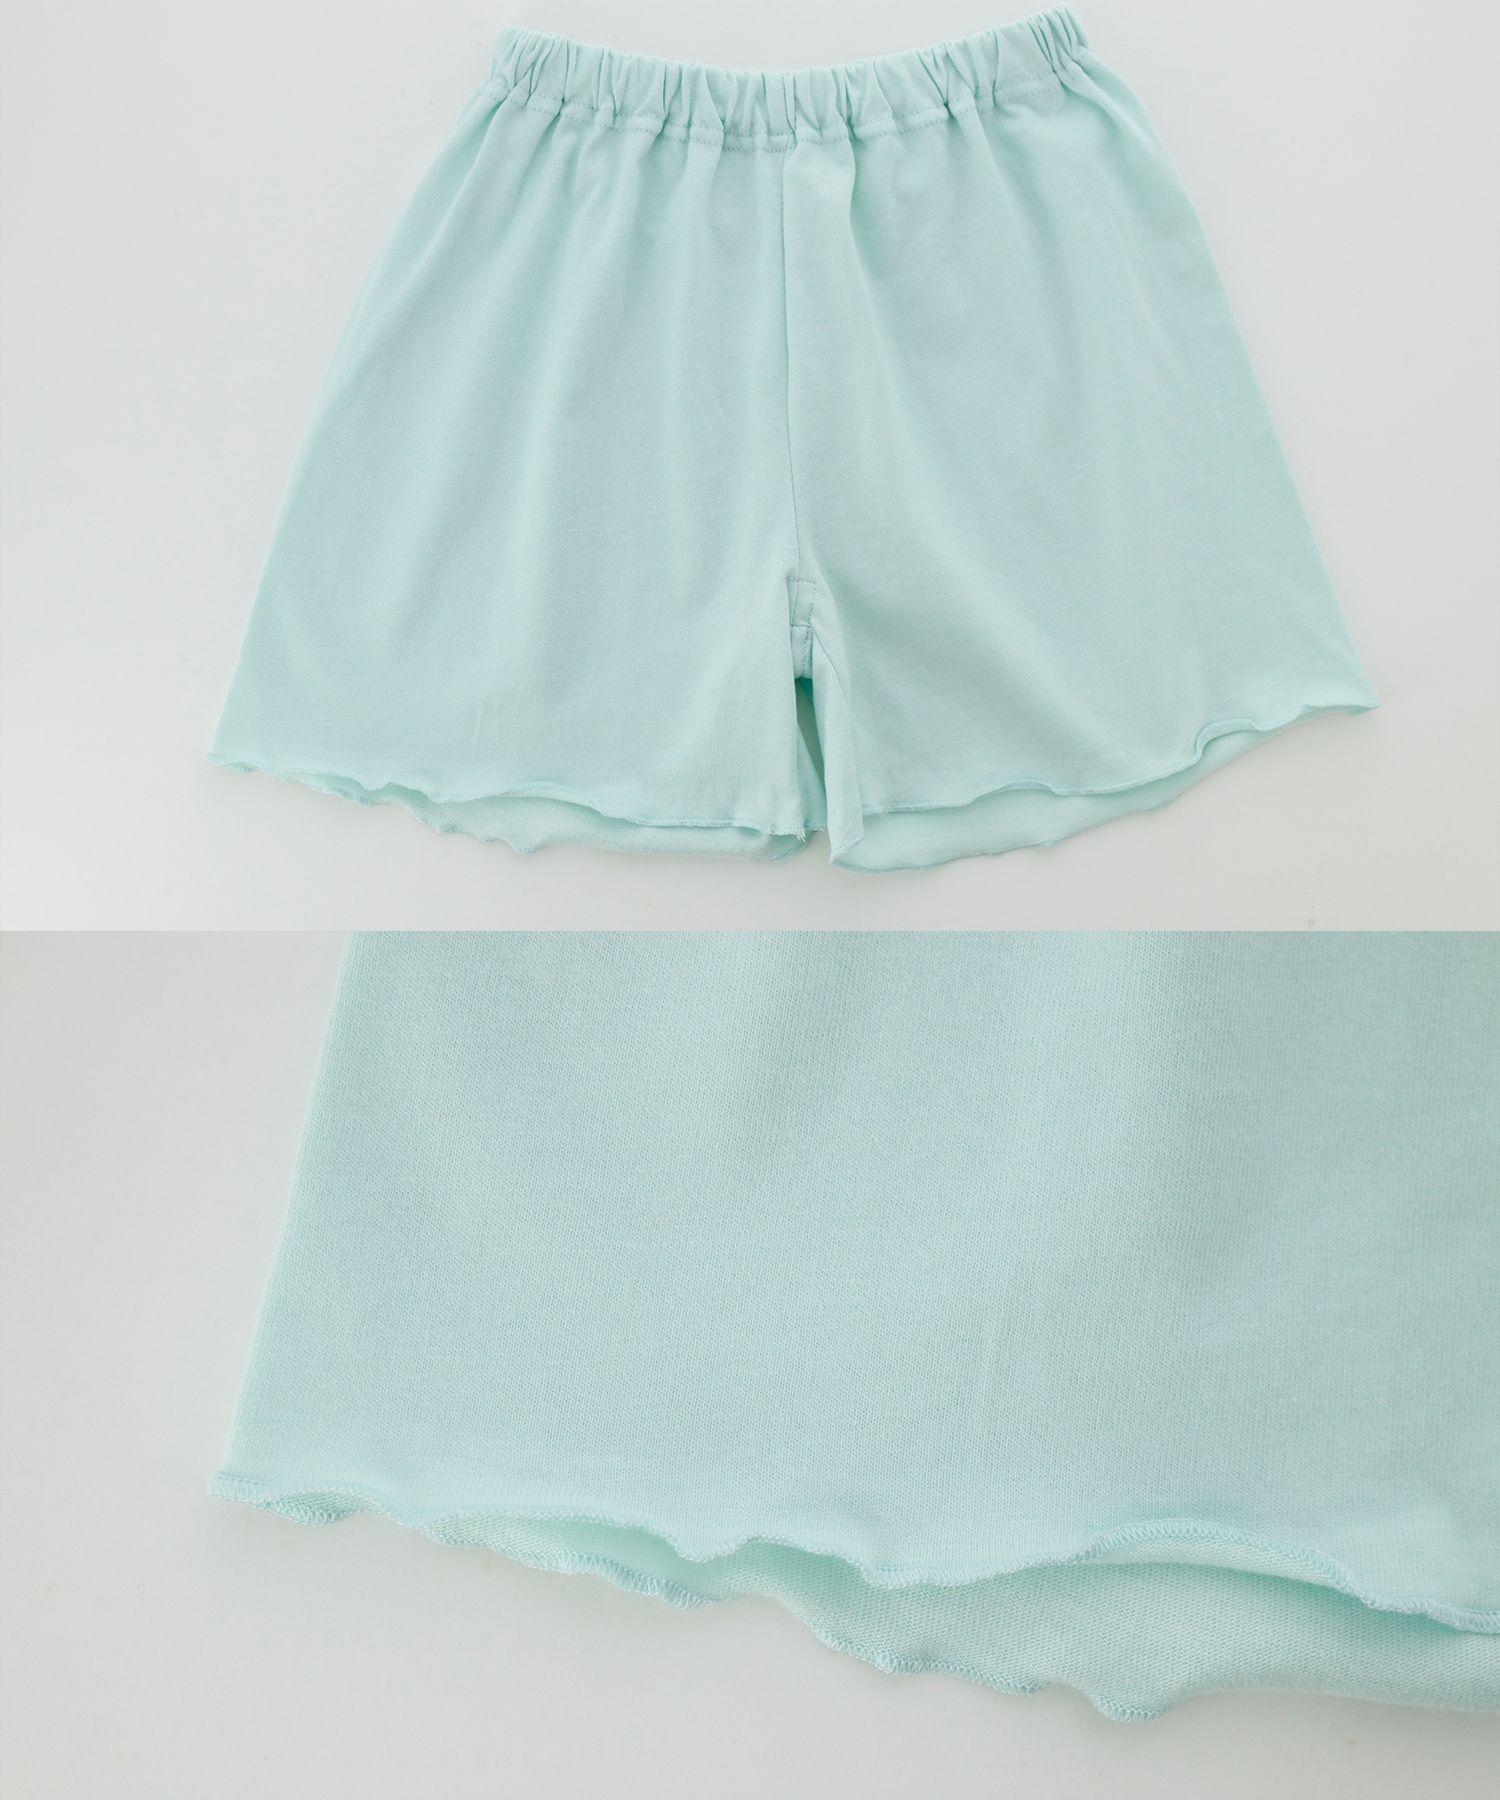 リボン半袖キッズルームウェア